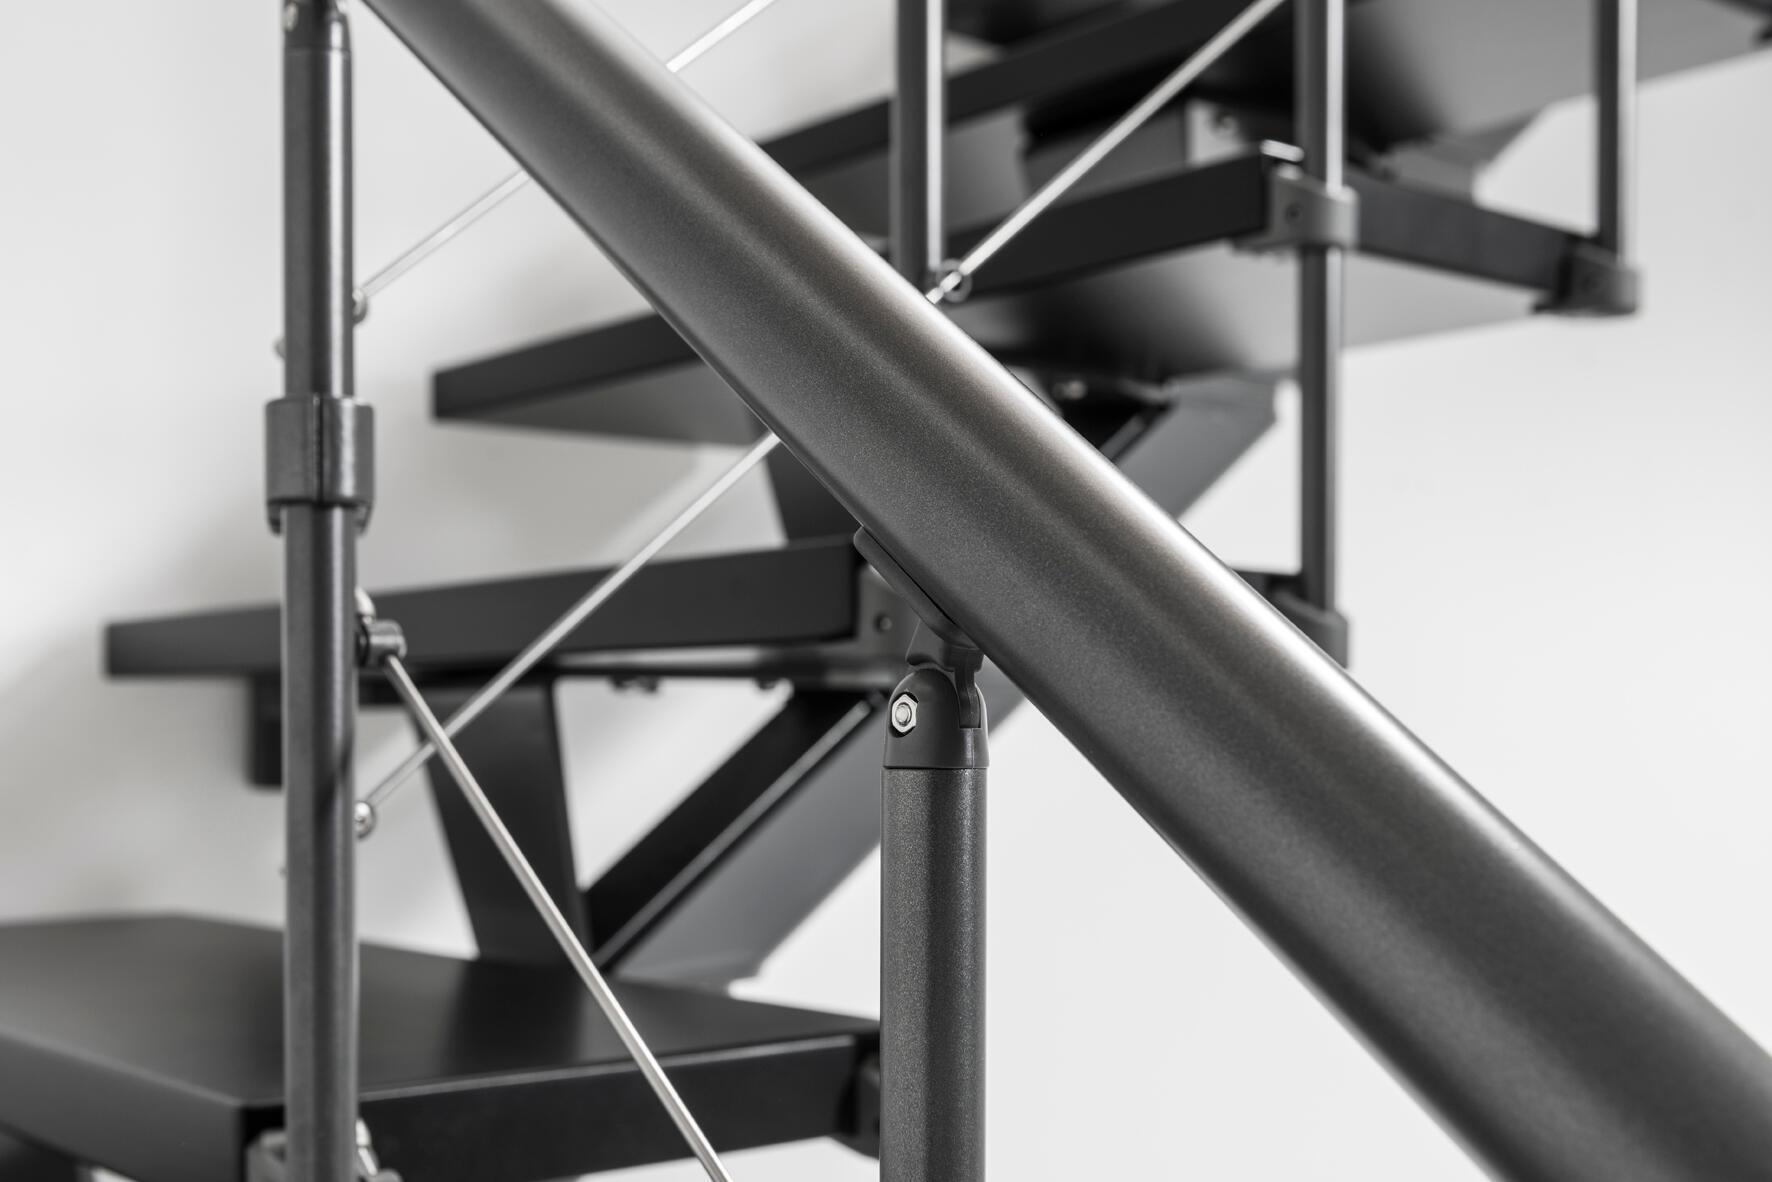 Scala a rampa 1/4 di giro Mas FONTANOT L 85 cm, gradino grigio antracite scuro, struttura antracite - 23